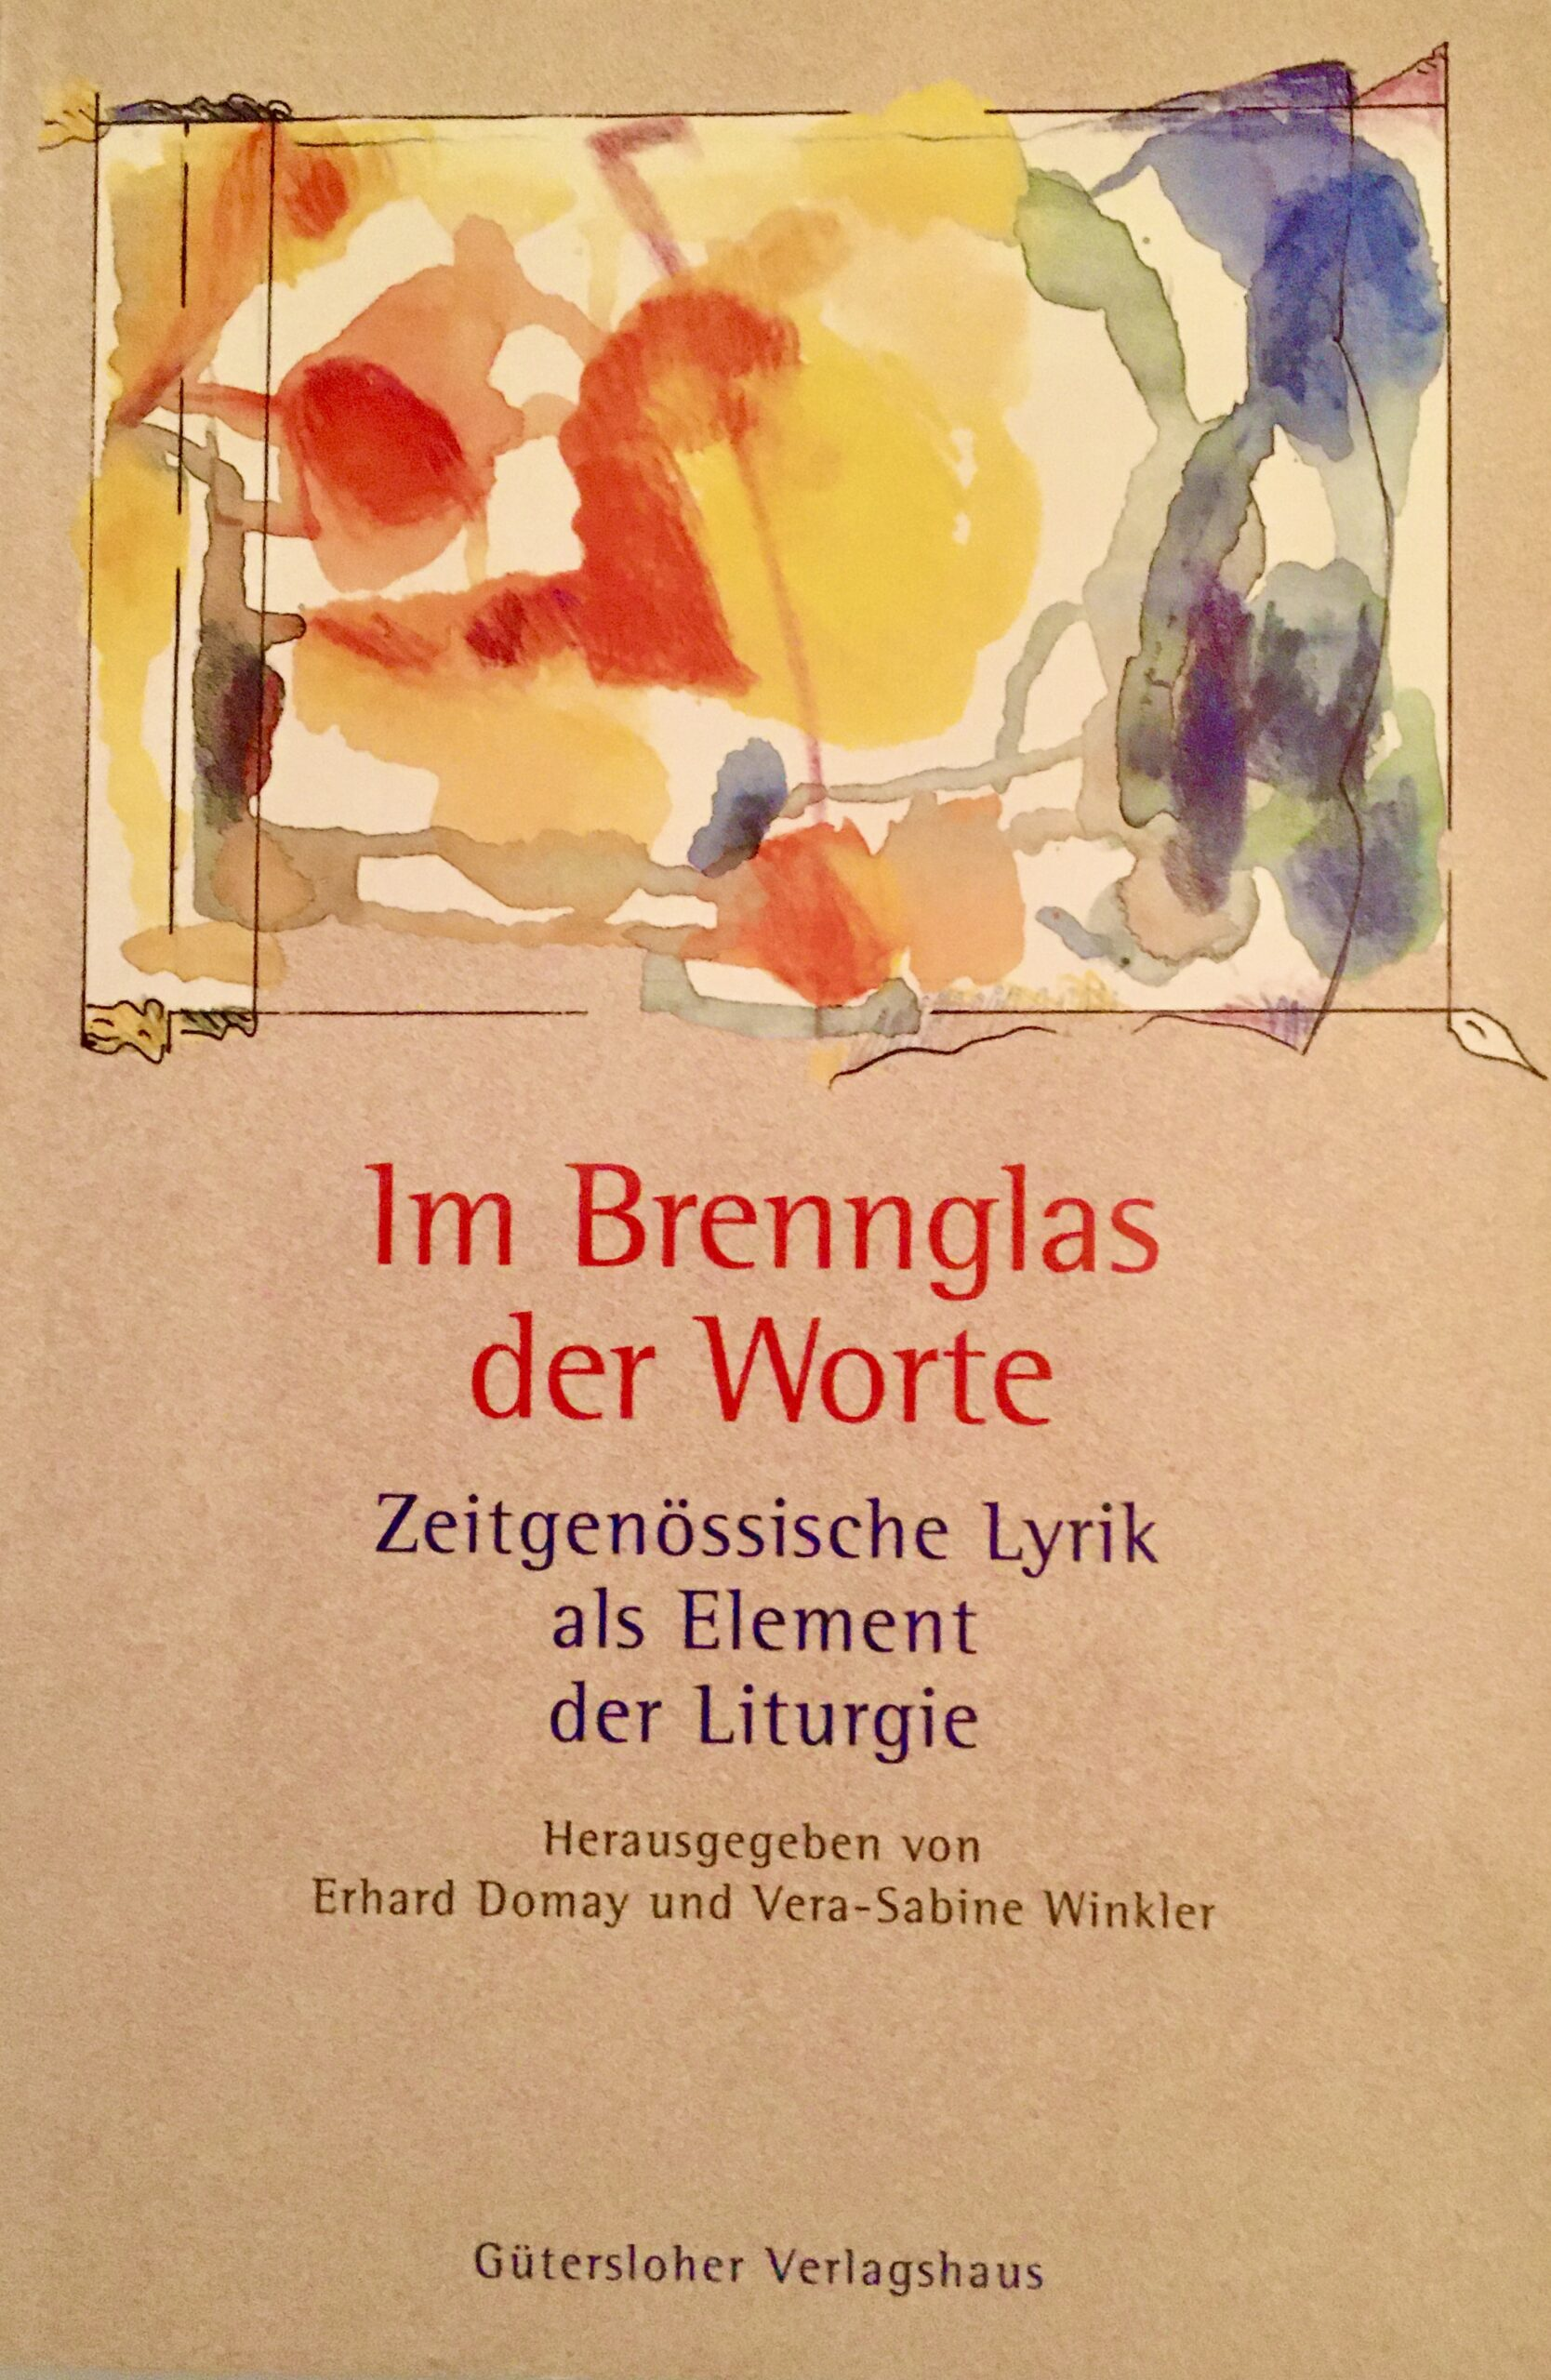 Im Brennglas der Worte, 2003